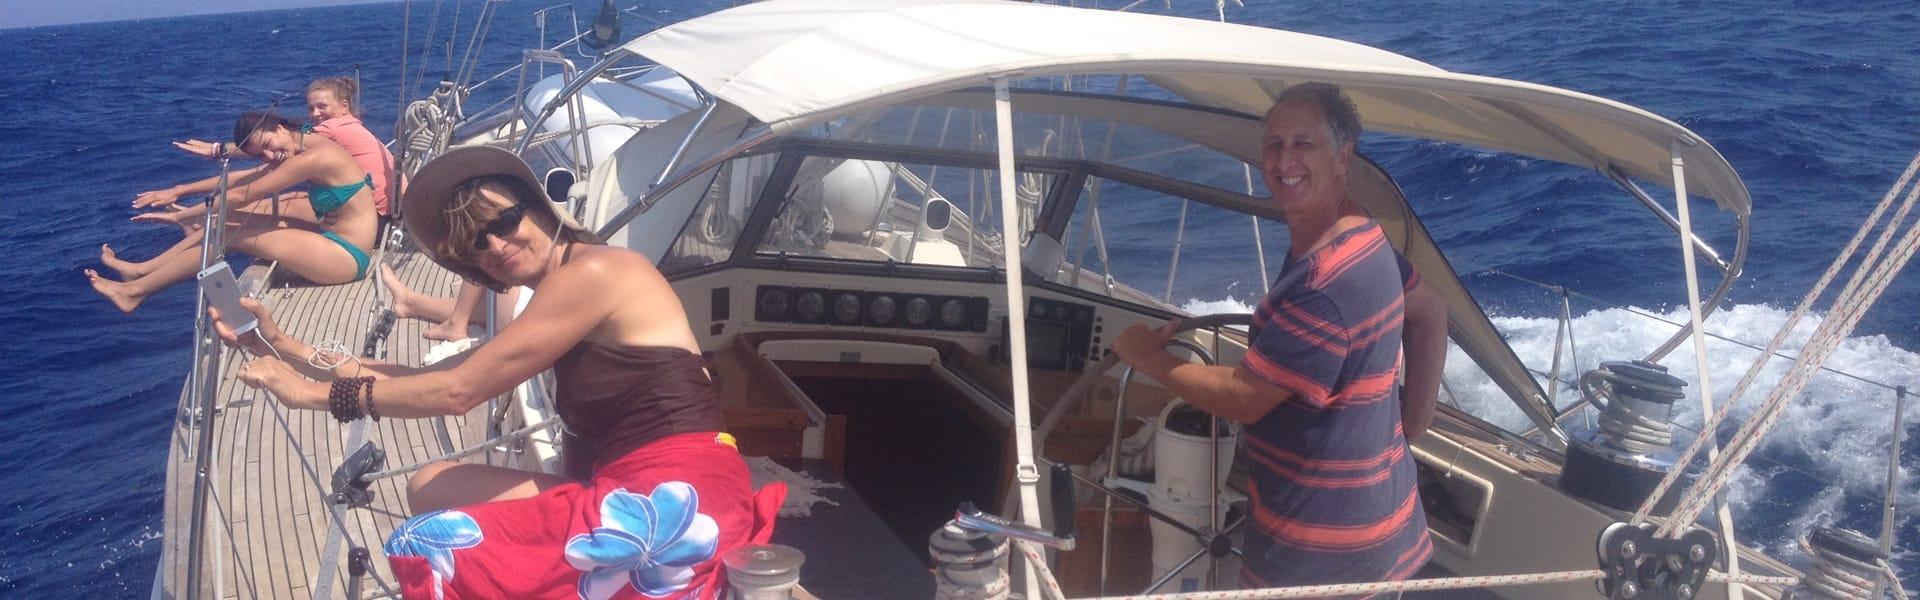 Sailing on Big Blue